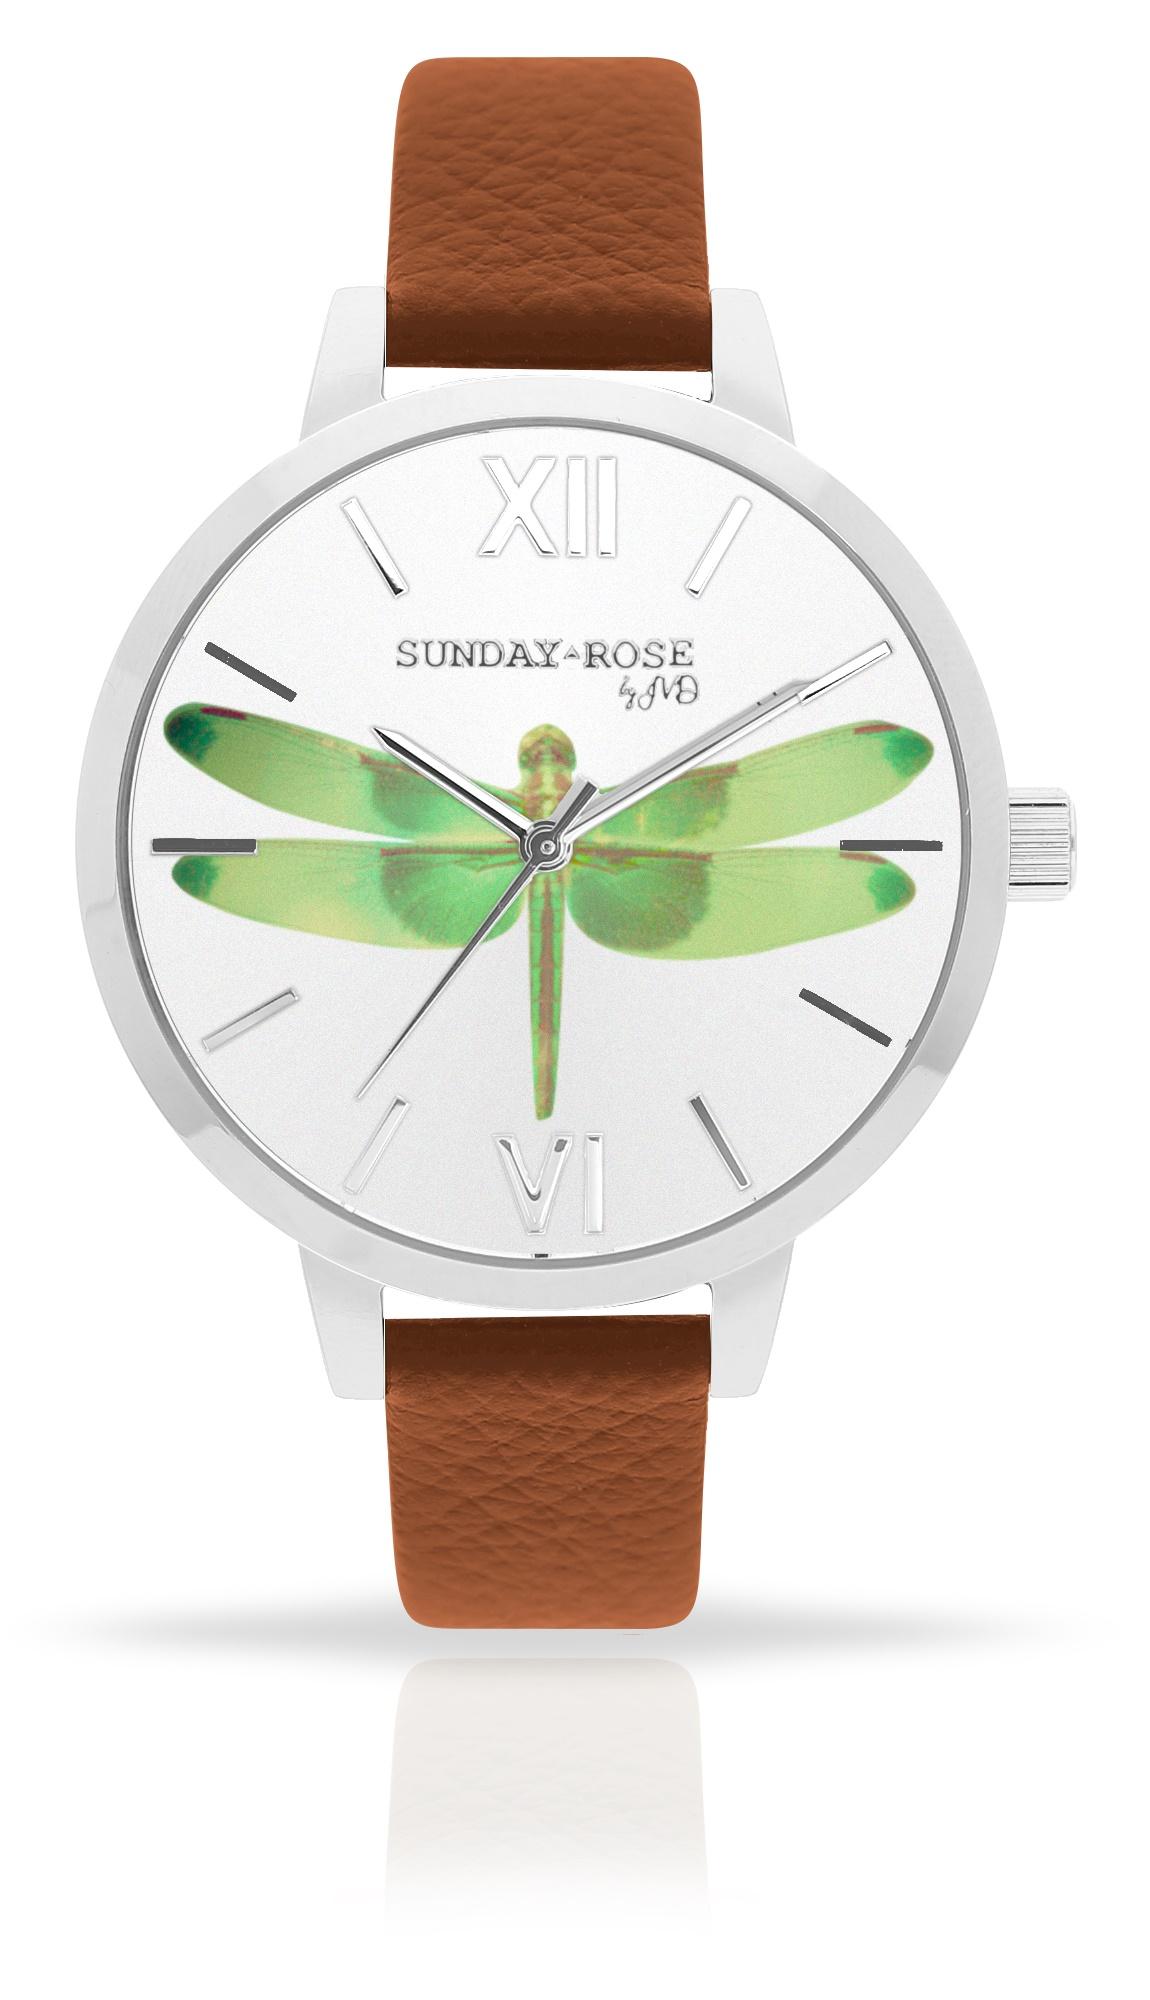 Dámské luxusní designové hodinky SUNDAY ROSE Alive FLY, DRAGONFLY! (POŠTOVNÉ ZDARMA!!)